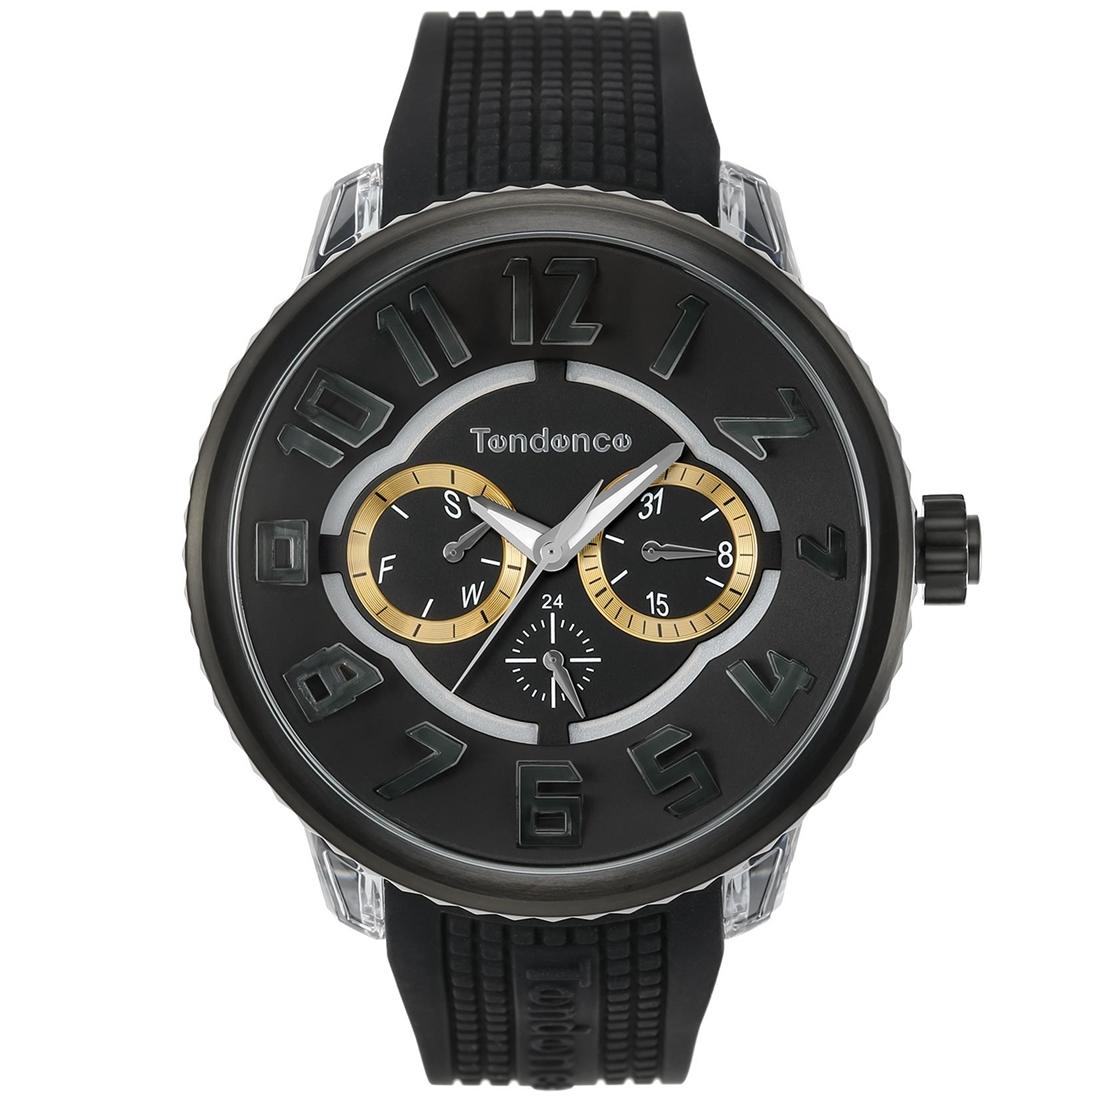 【今ならオーバーサイズノートプレゼント】 テンデンス Tendence TY562001 フラッシュ 正規品 腕時計